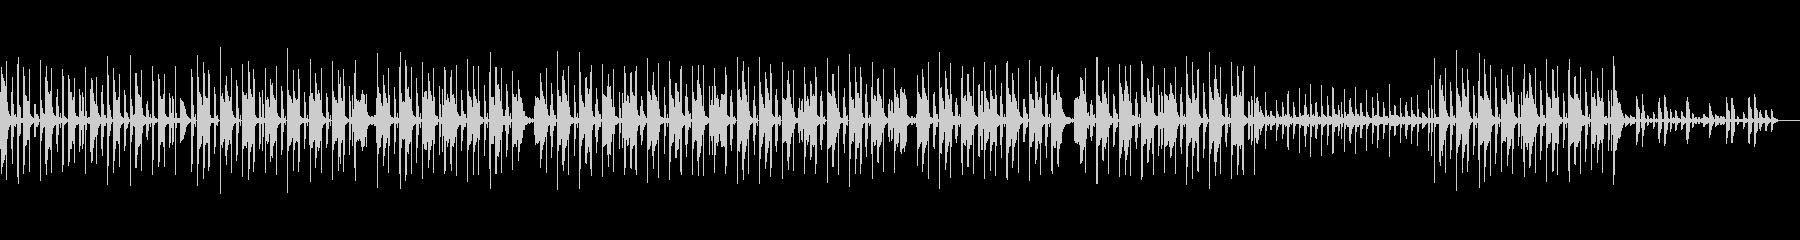 ノリノリのエレクトロ系ヒップホップの未再生の波形